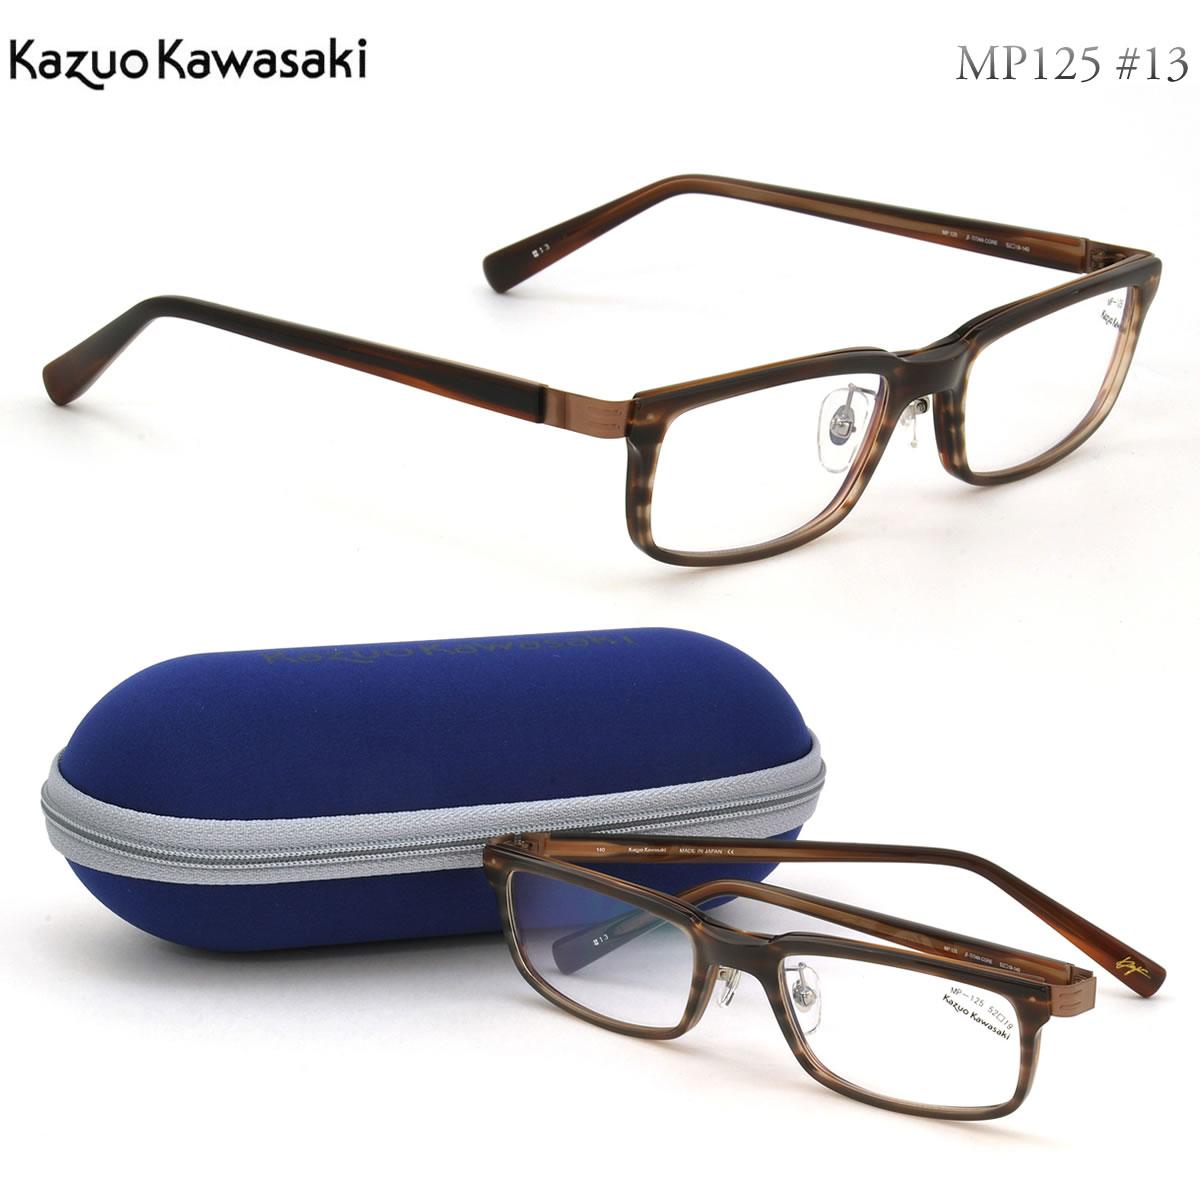 ほぼ全品ポイント15倍~最大43倍+3倍!お得なクーポンも! 【KAZUO KAWASAKI メガネ】カワサキカズオ メガネフレーム MP125 13 52サイズ